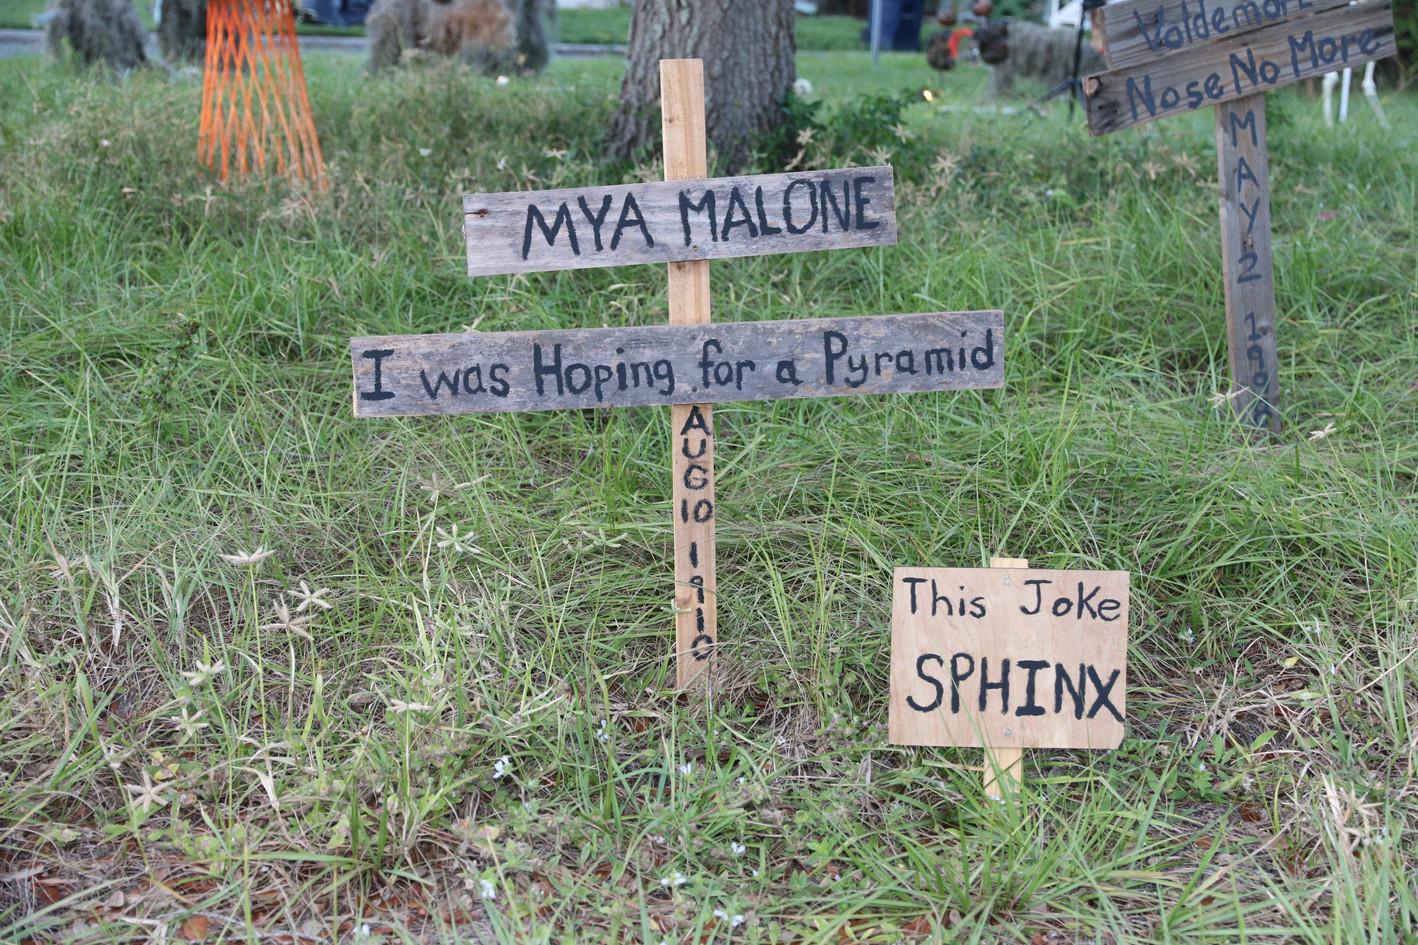 May Malone